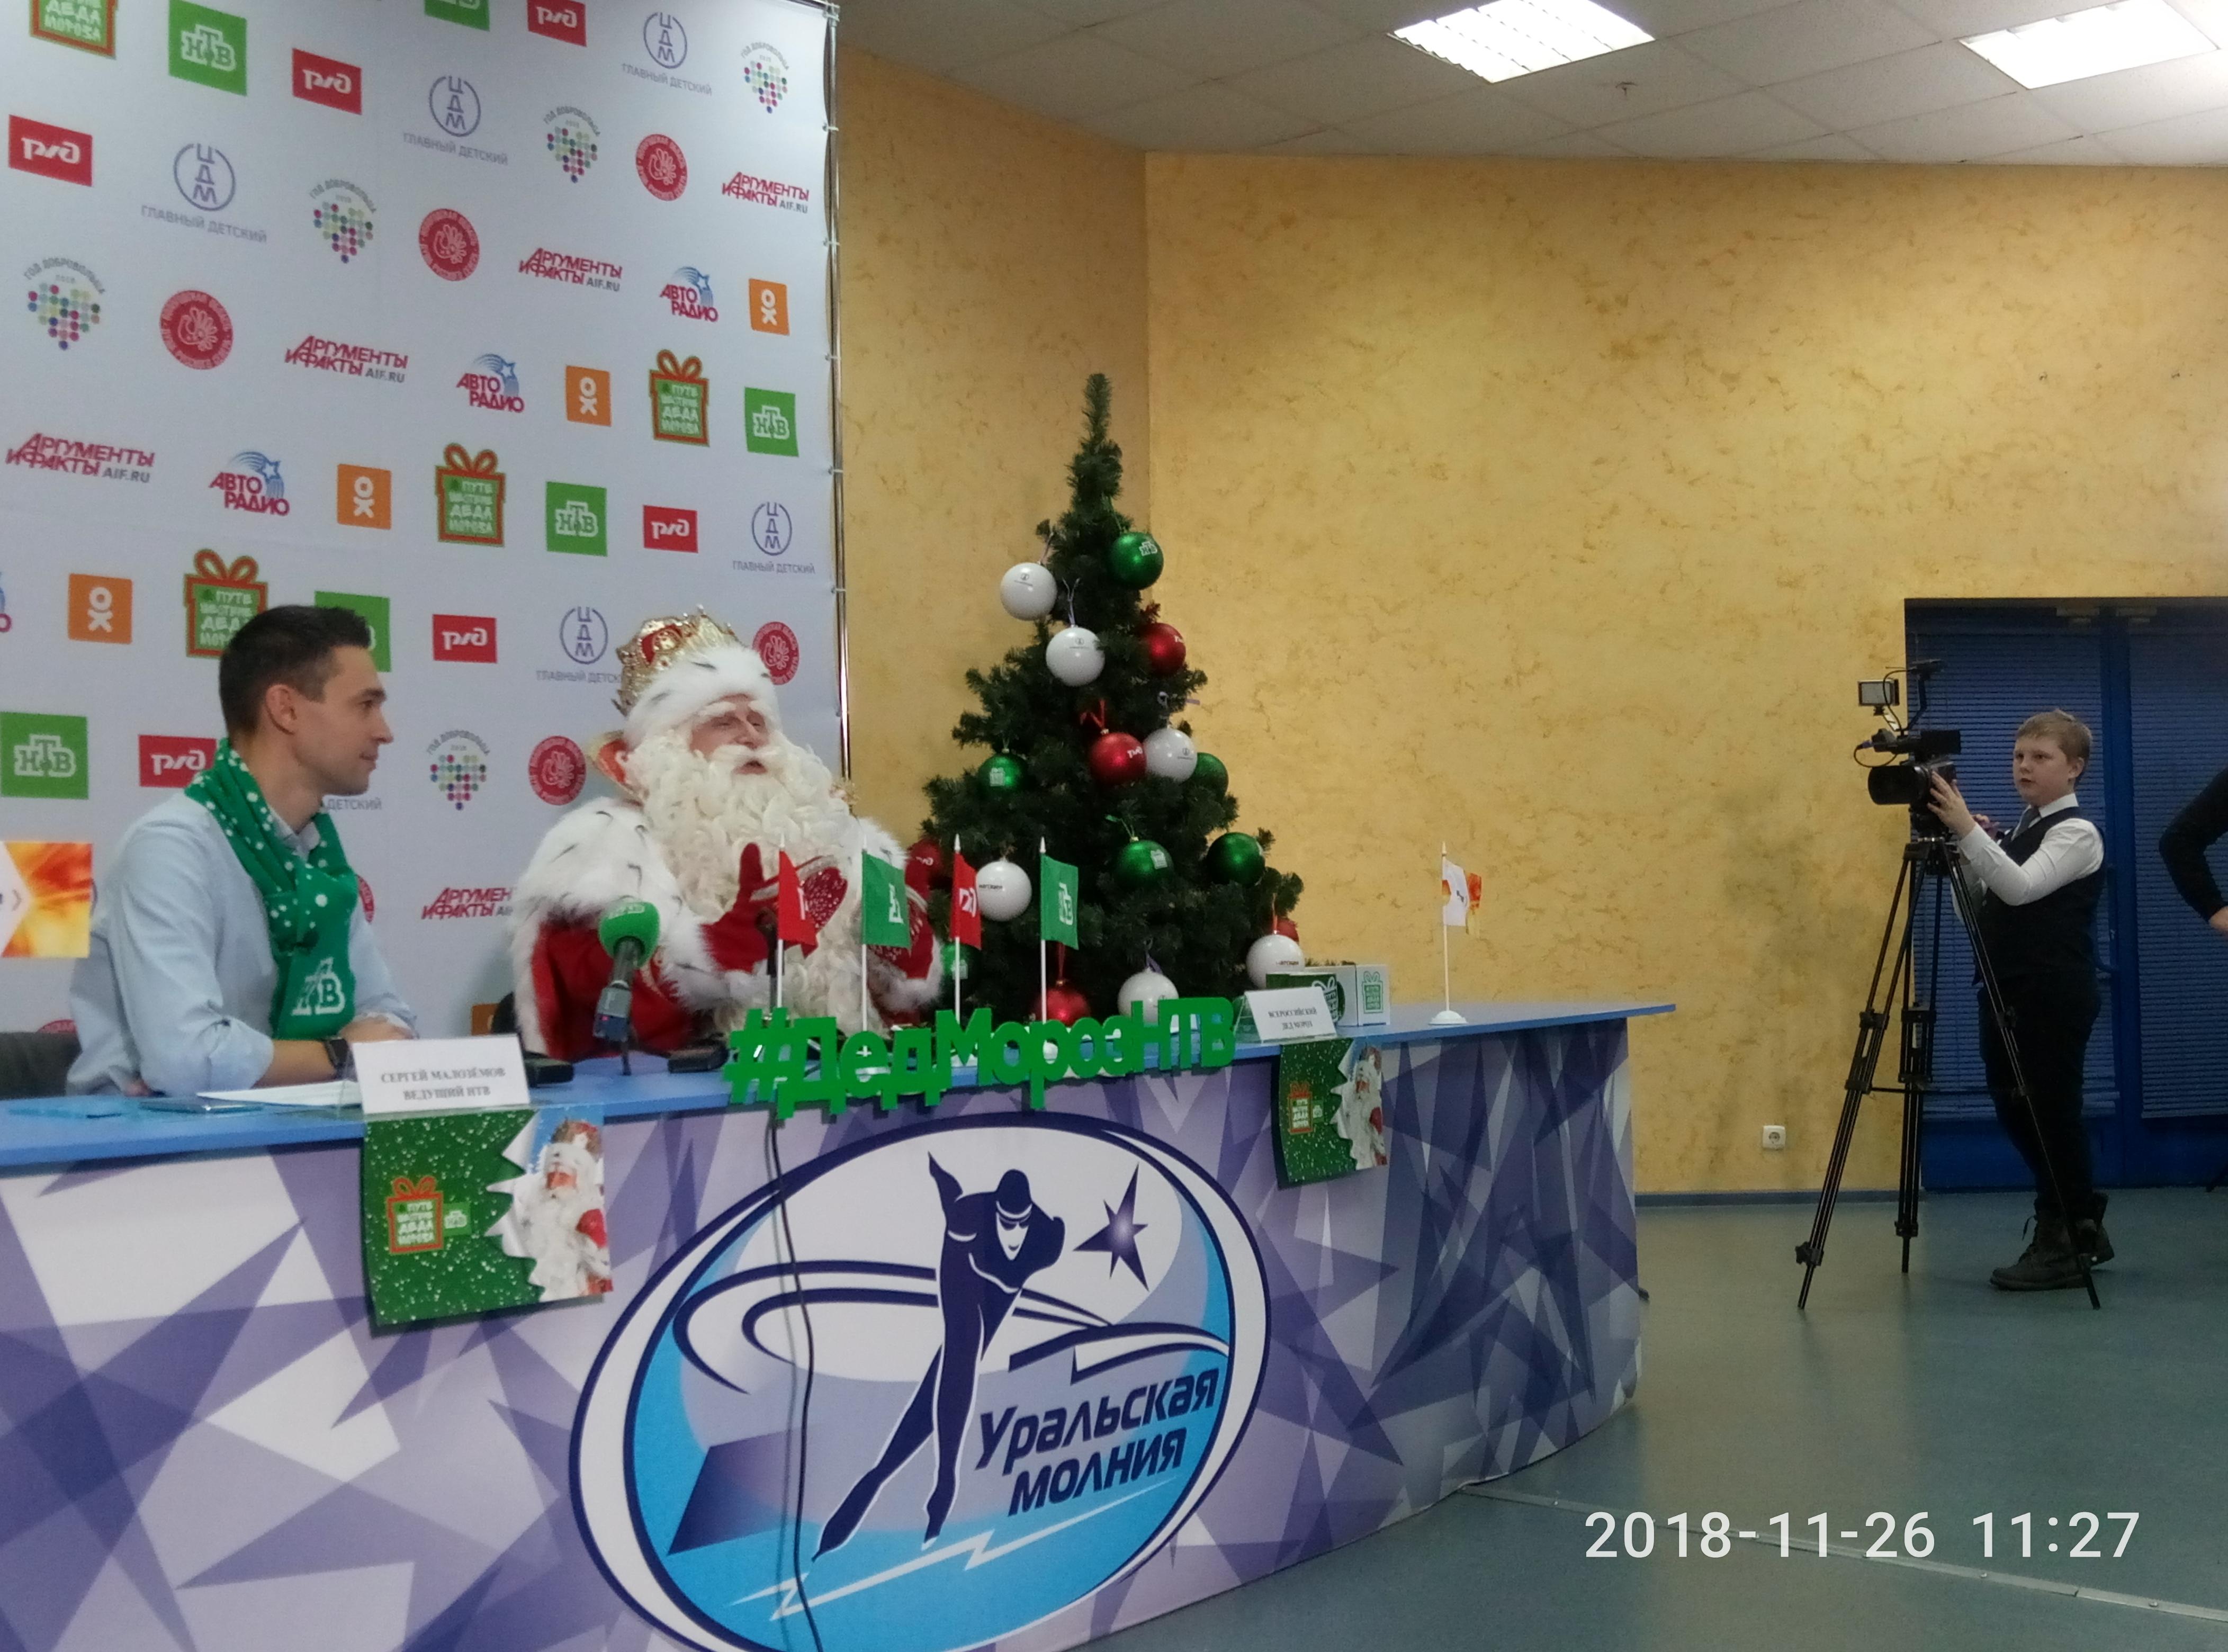 Всероссийский Дед Мороз из Великого Устюга третий год подряд вместе с командой НТВ путешествует п